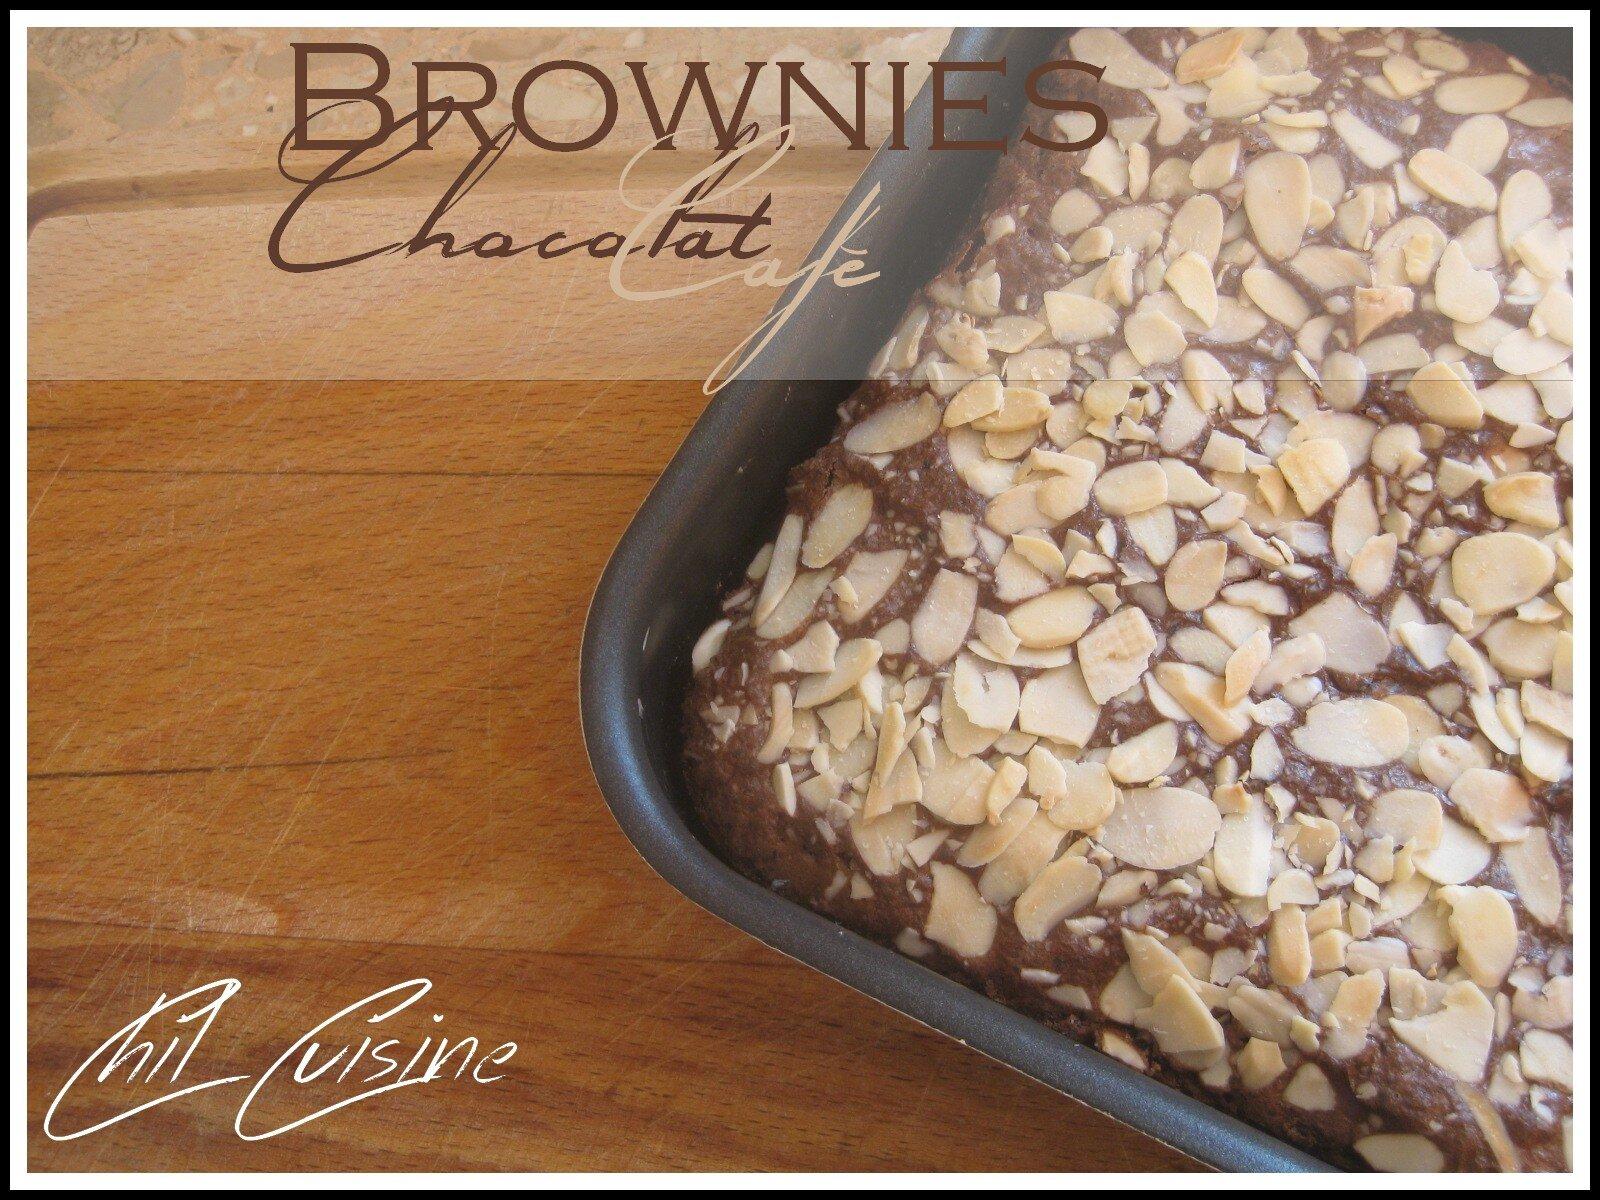 Brownie au chocolat et café